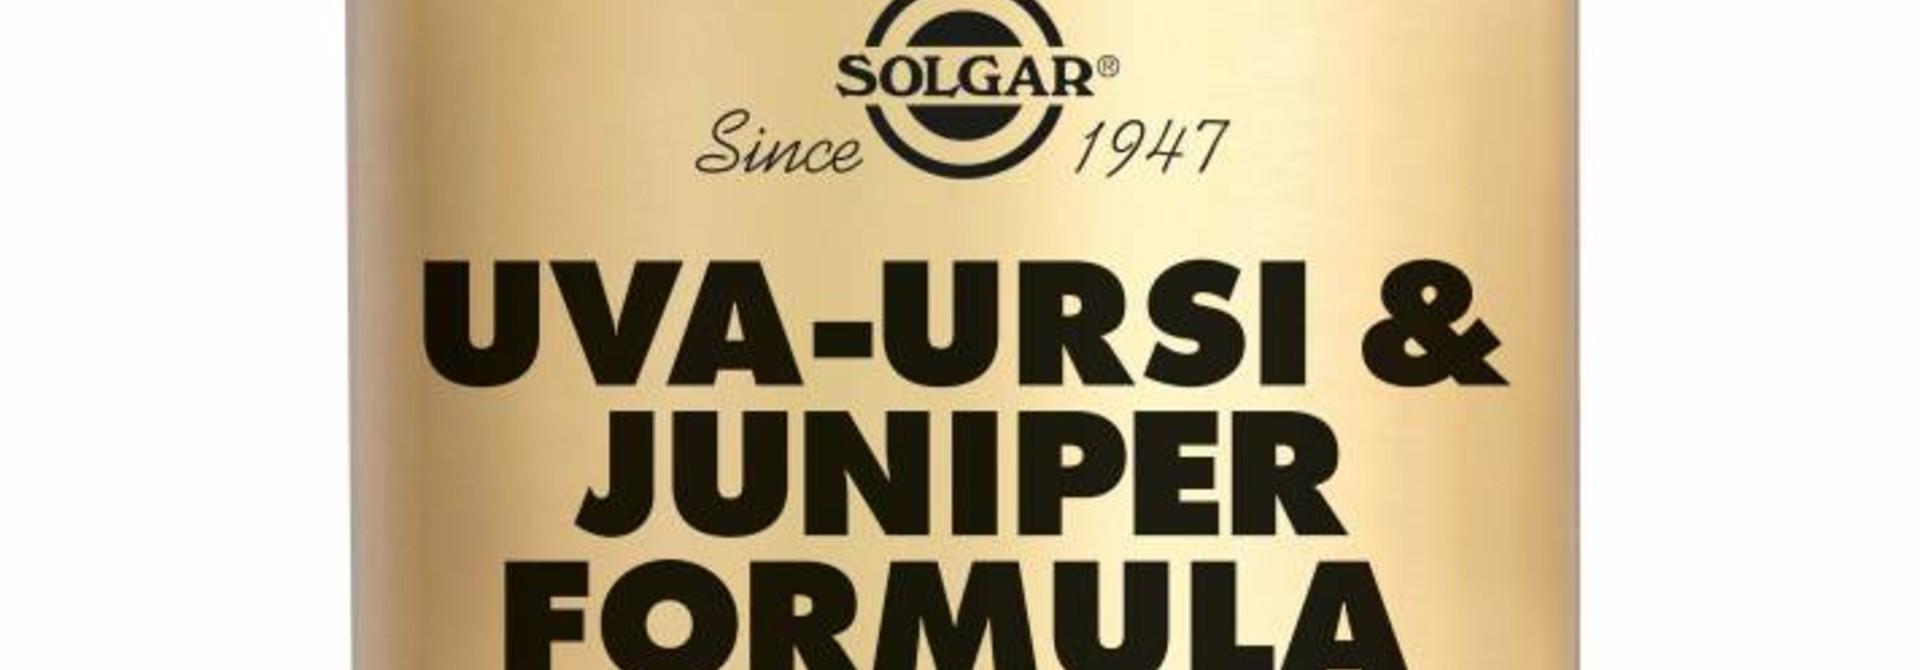 Uva Ursi & Juniper Formula 100 plantaardige capsules